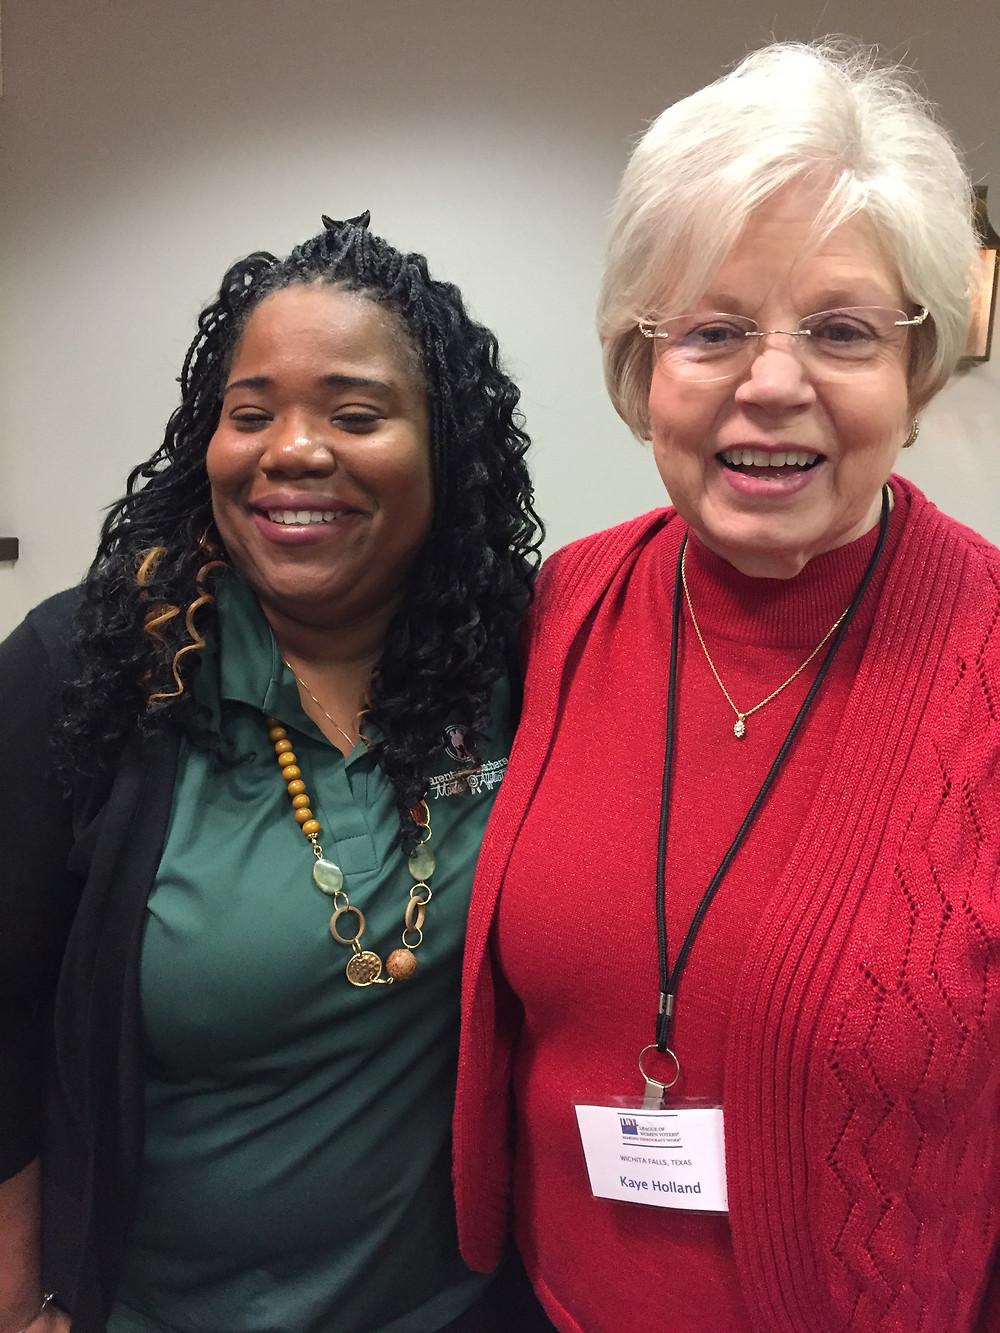 Kaye Holland League of Women Voters Wichita Falls